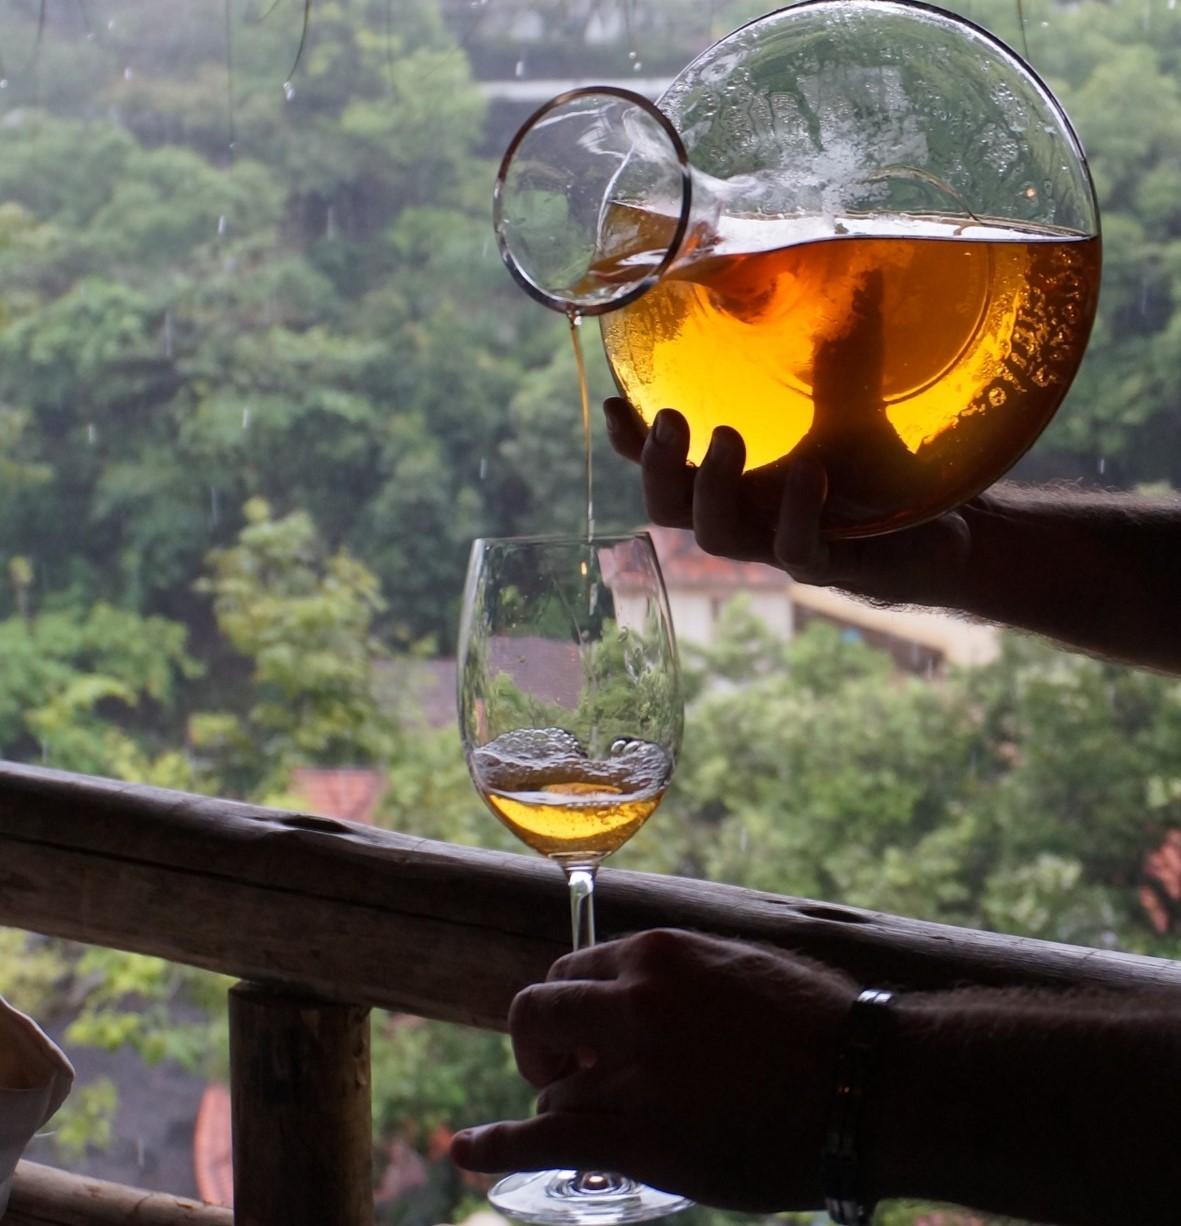 Vinho branco com cor alaranjada da vinícola Era dos Ventos: estranheza inicial, com a maior exposição às cascas da uva, foi dando lugar a sucesso com sommeliers e consumidores (Foto: Divulgação)